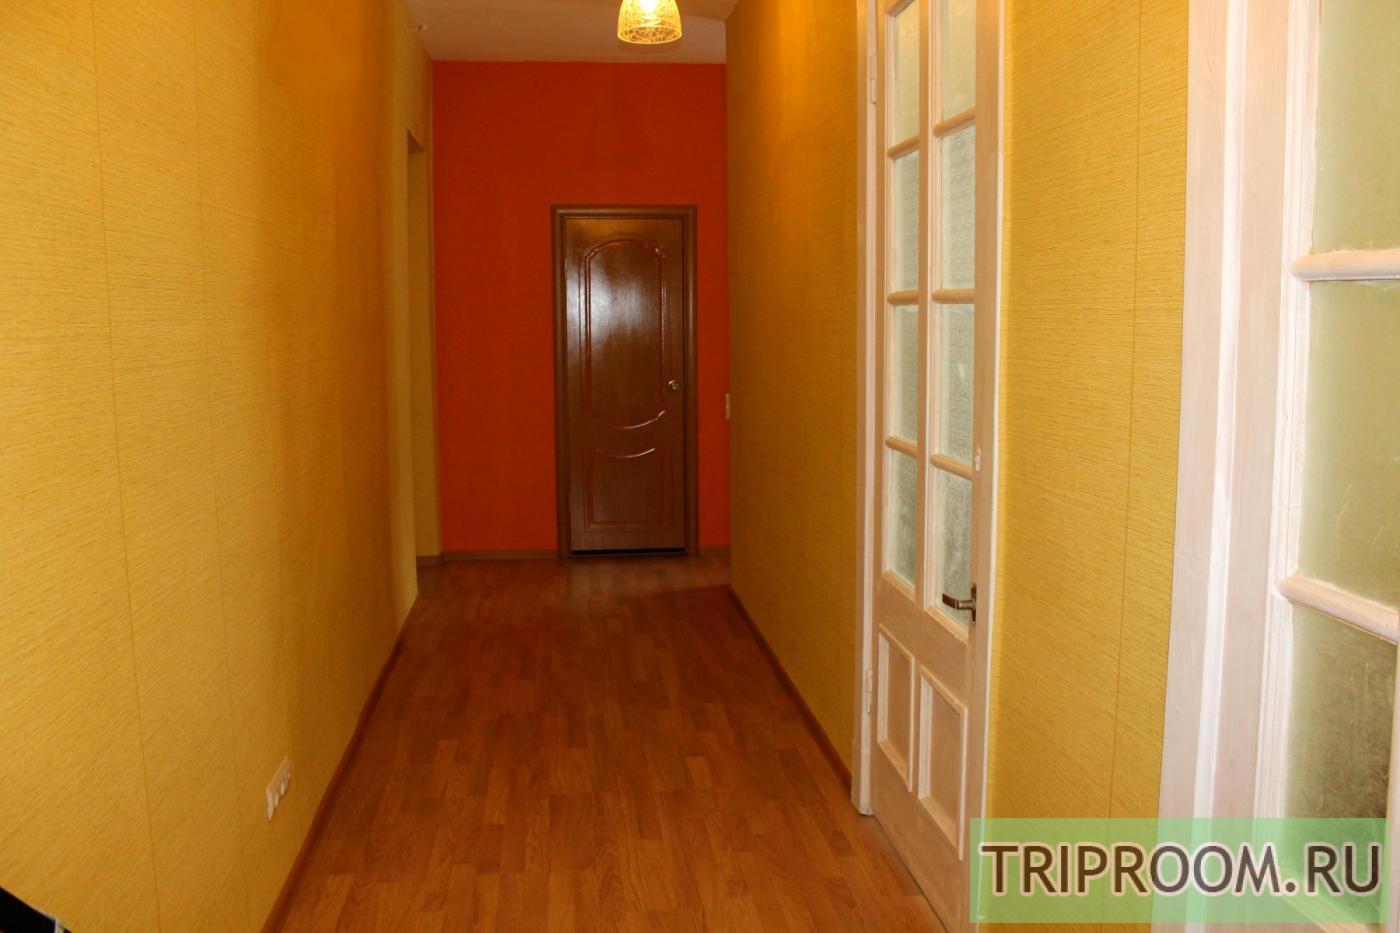 3-комнатная квартира посуточно (вариант № 20393), ул. Ленина проспект, фото № 16